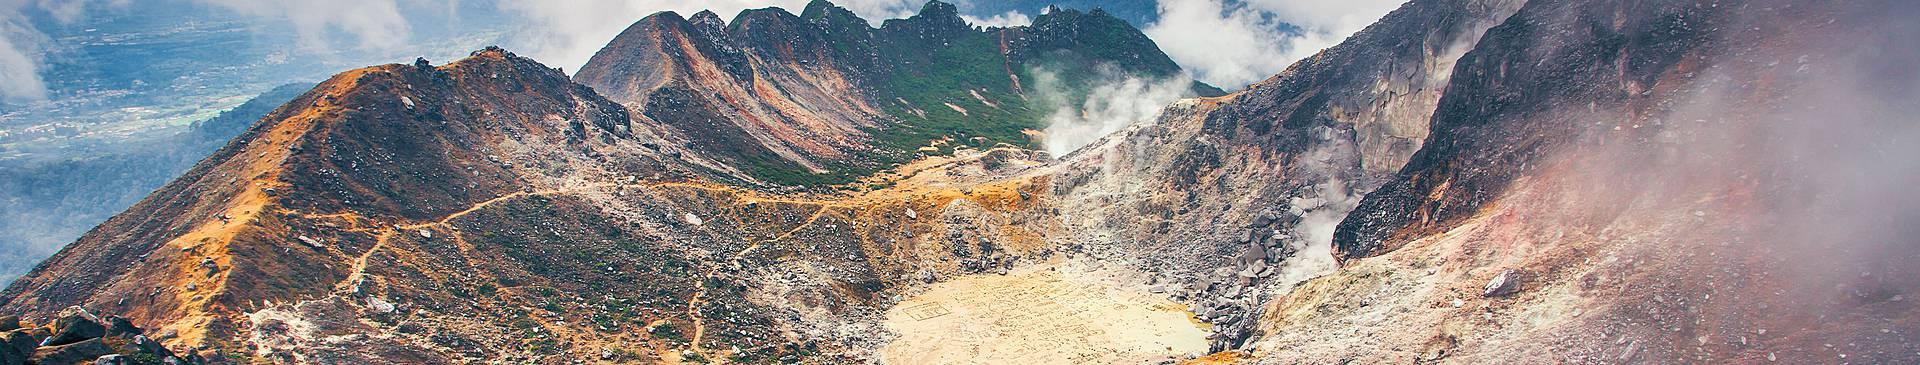 Bergurlaub Indonesien